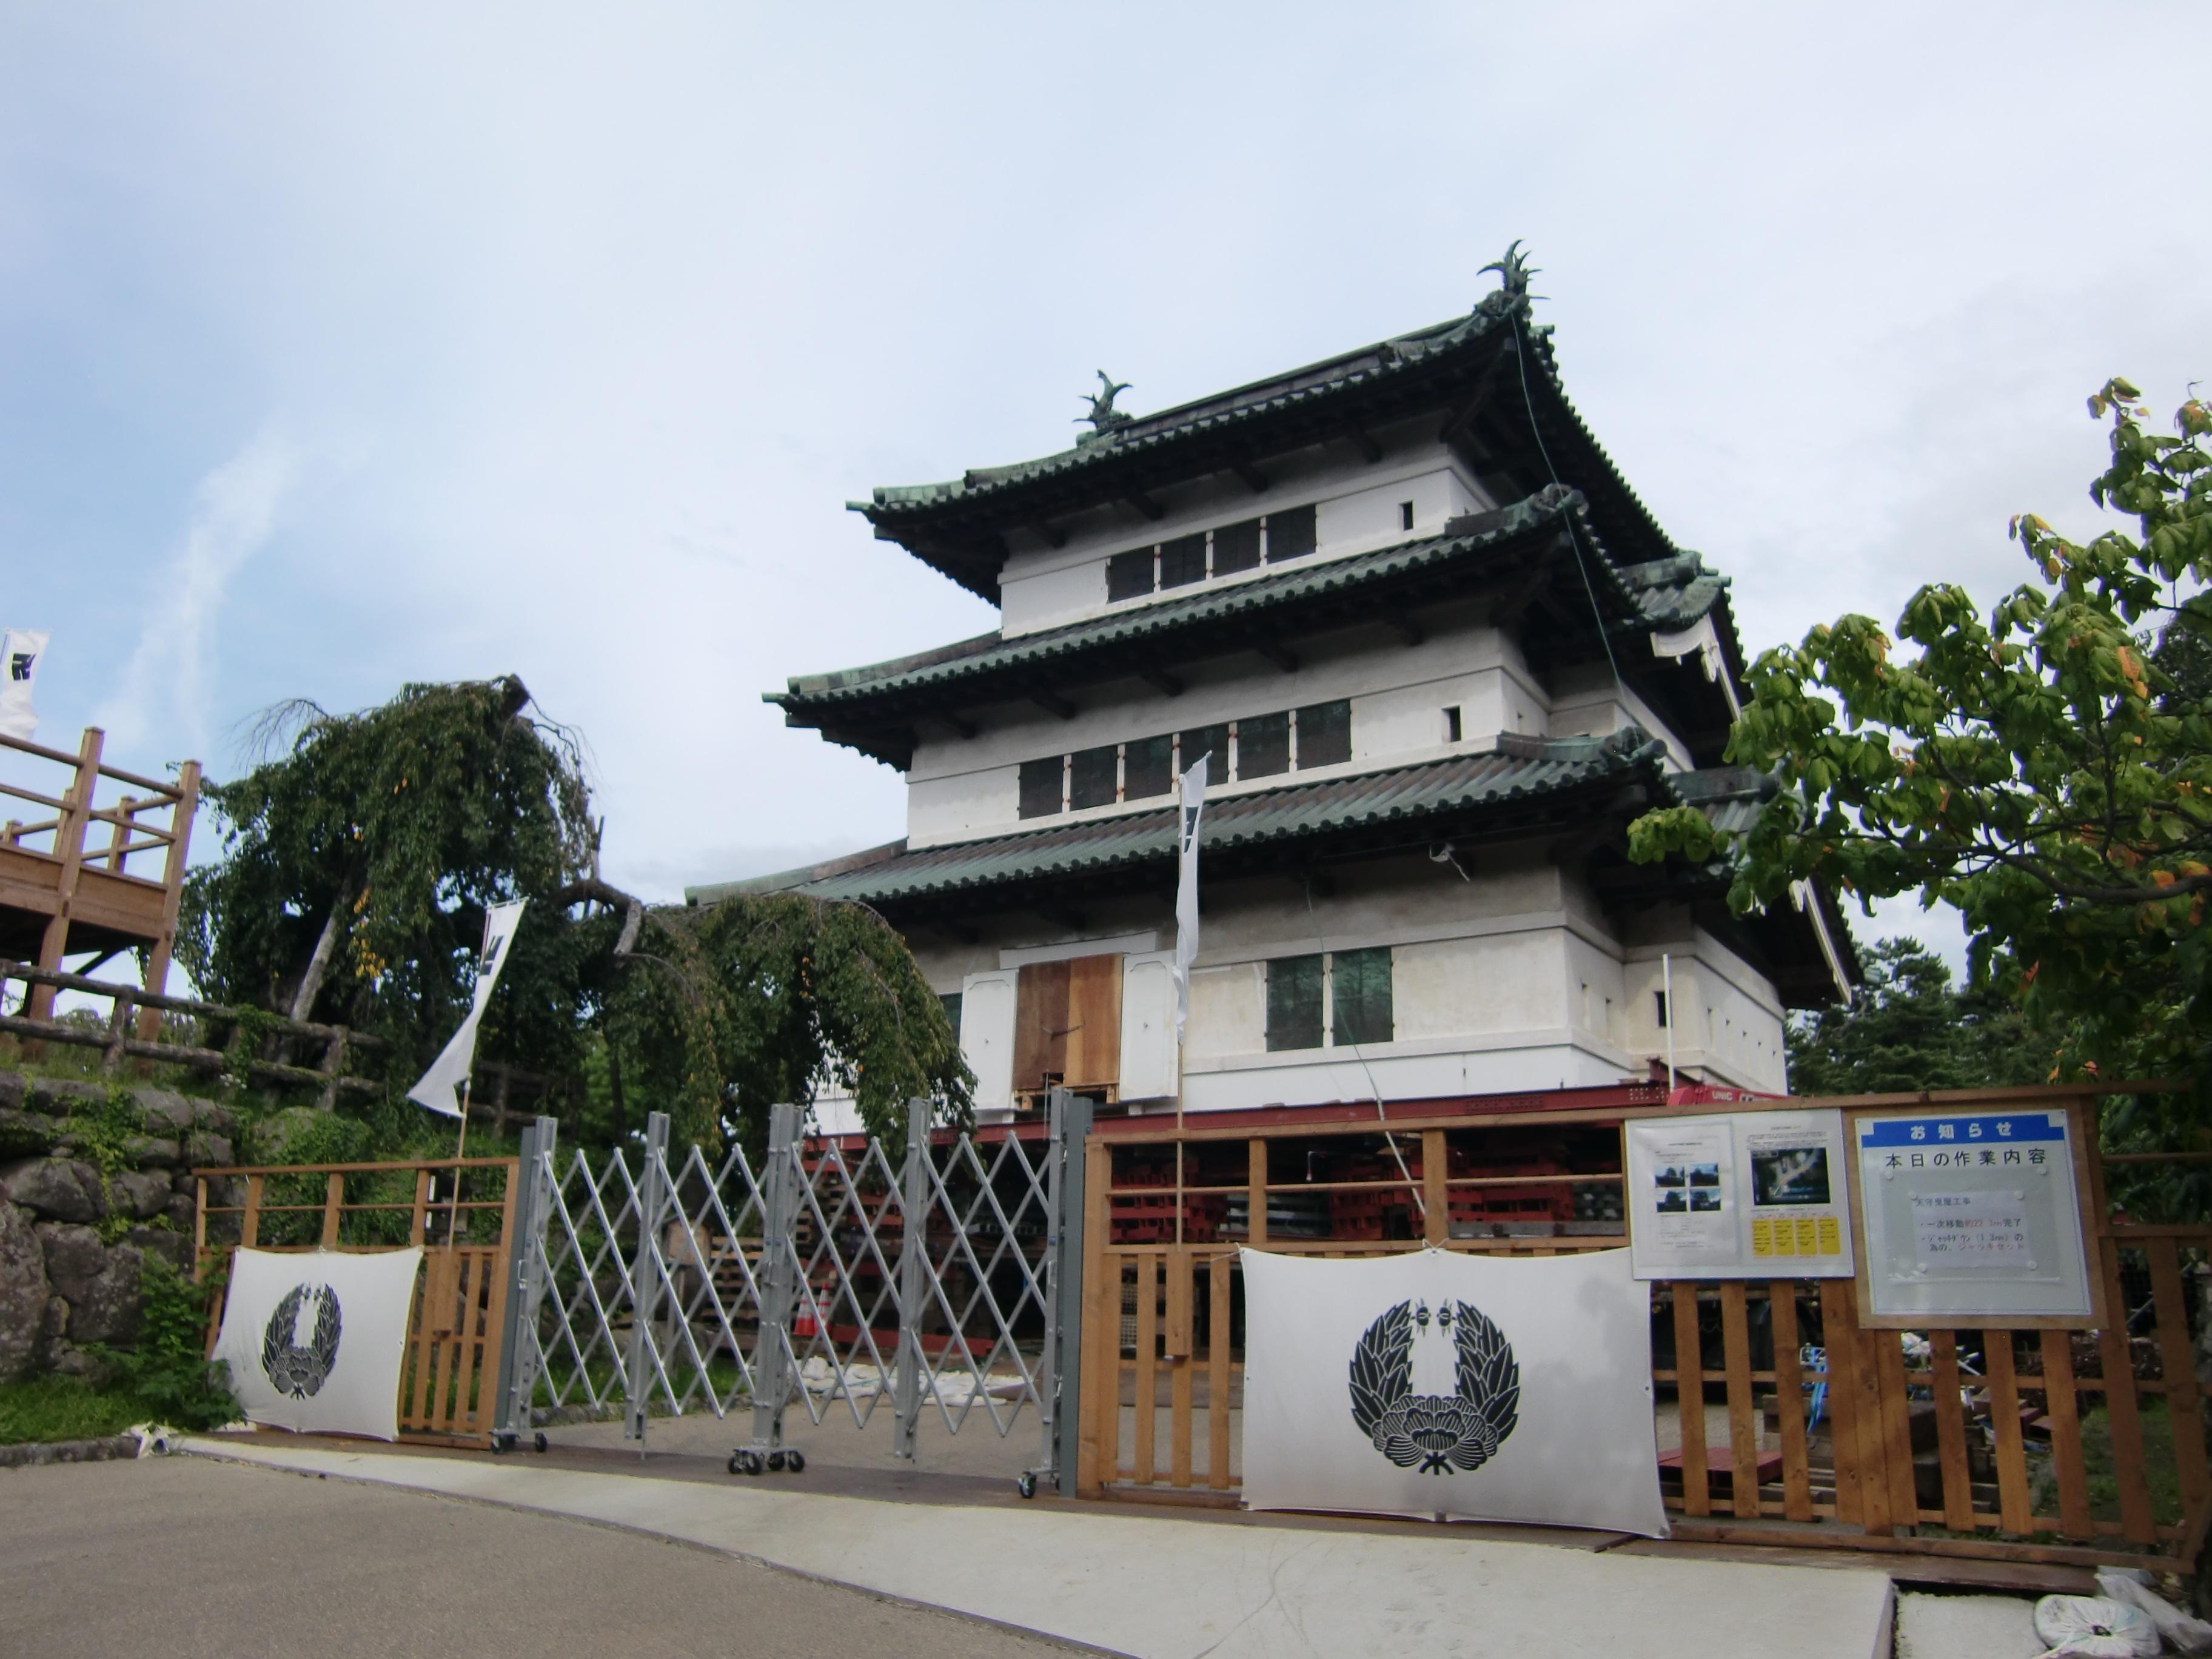 弘前城天守閣・一次曳屋(ひきや)が行われました